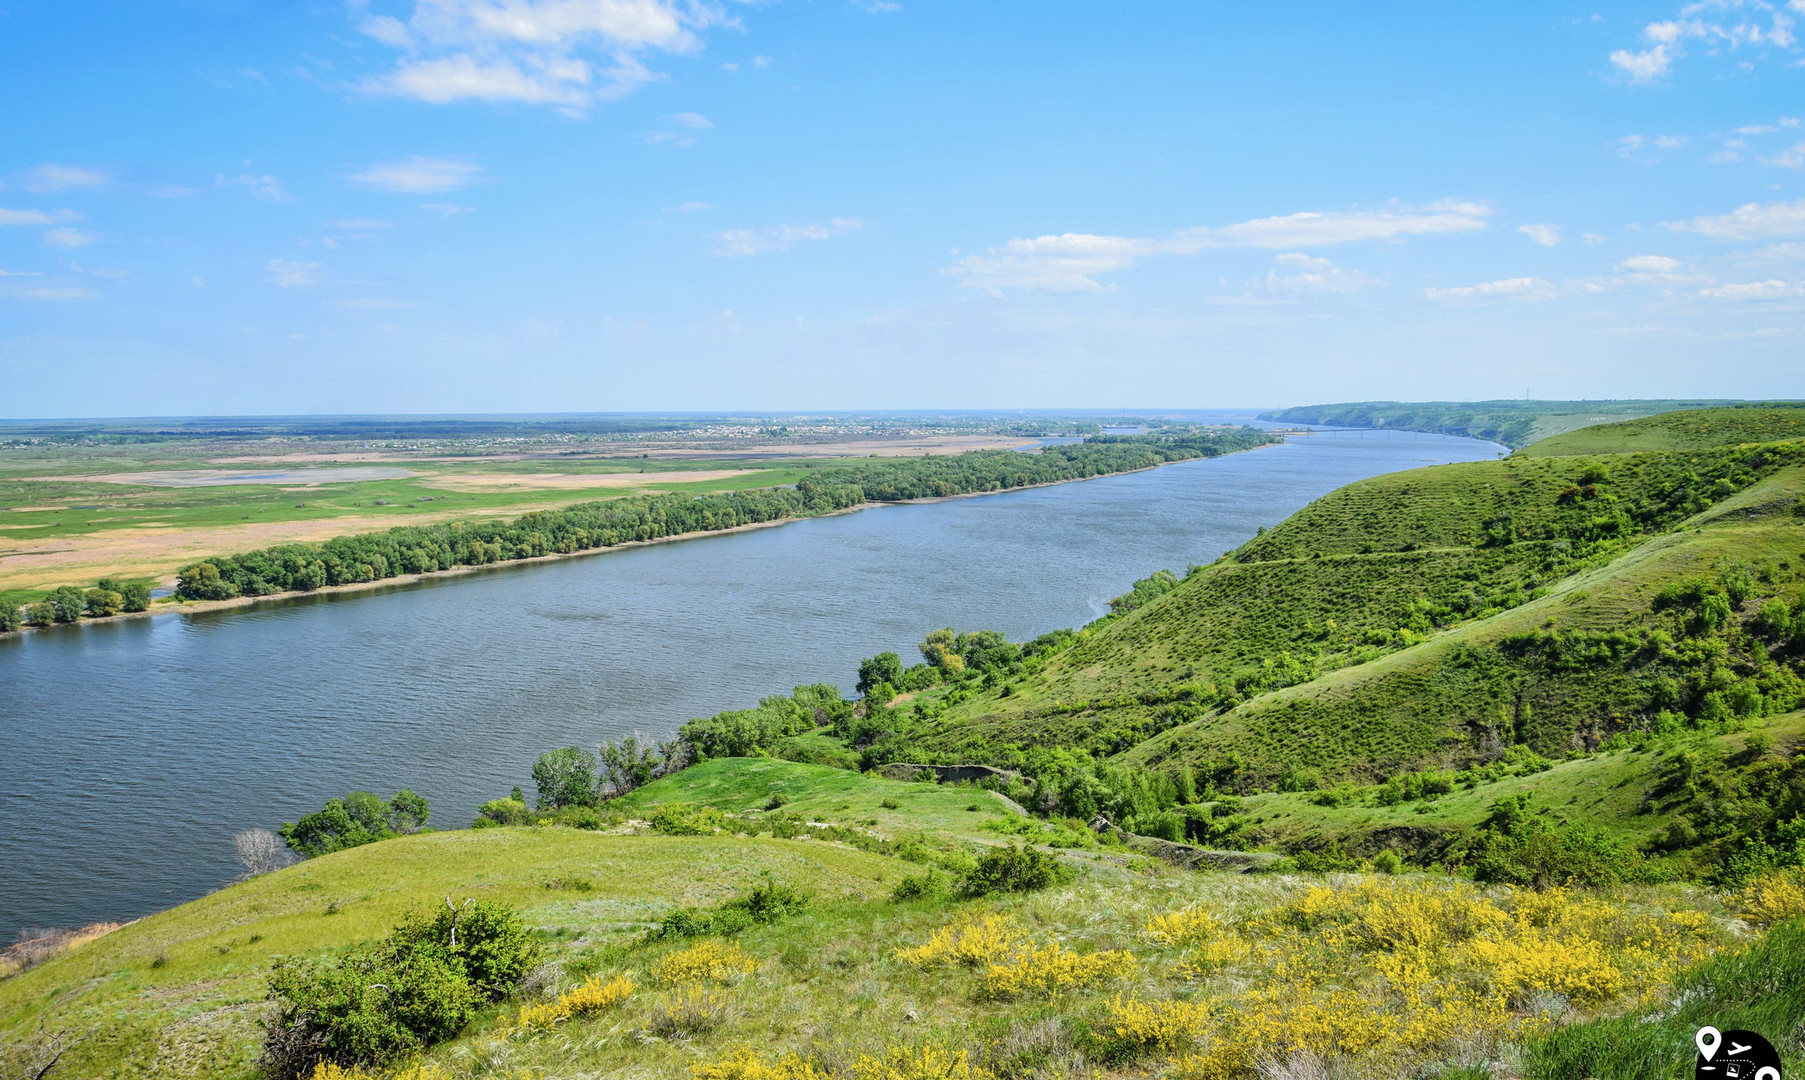 Пейзажи реки Дон